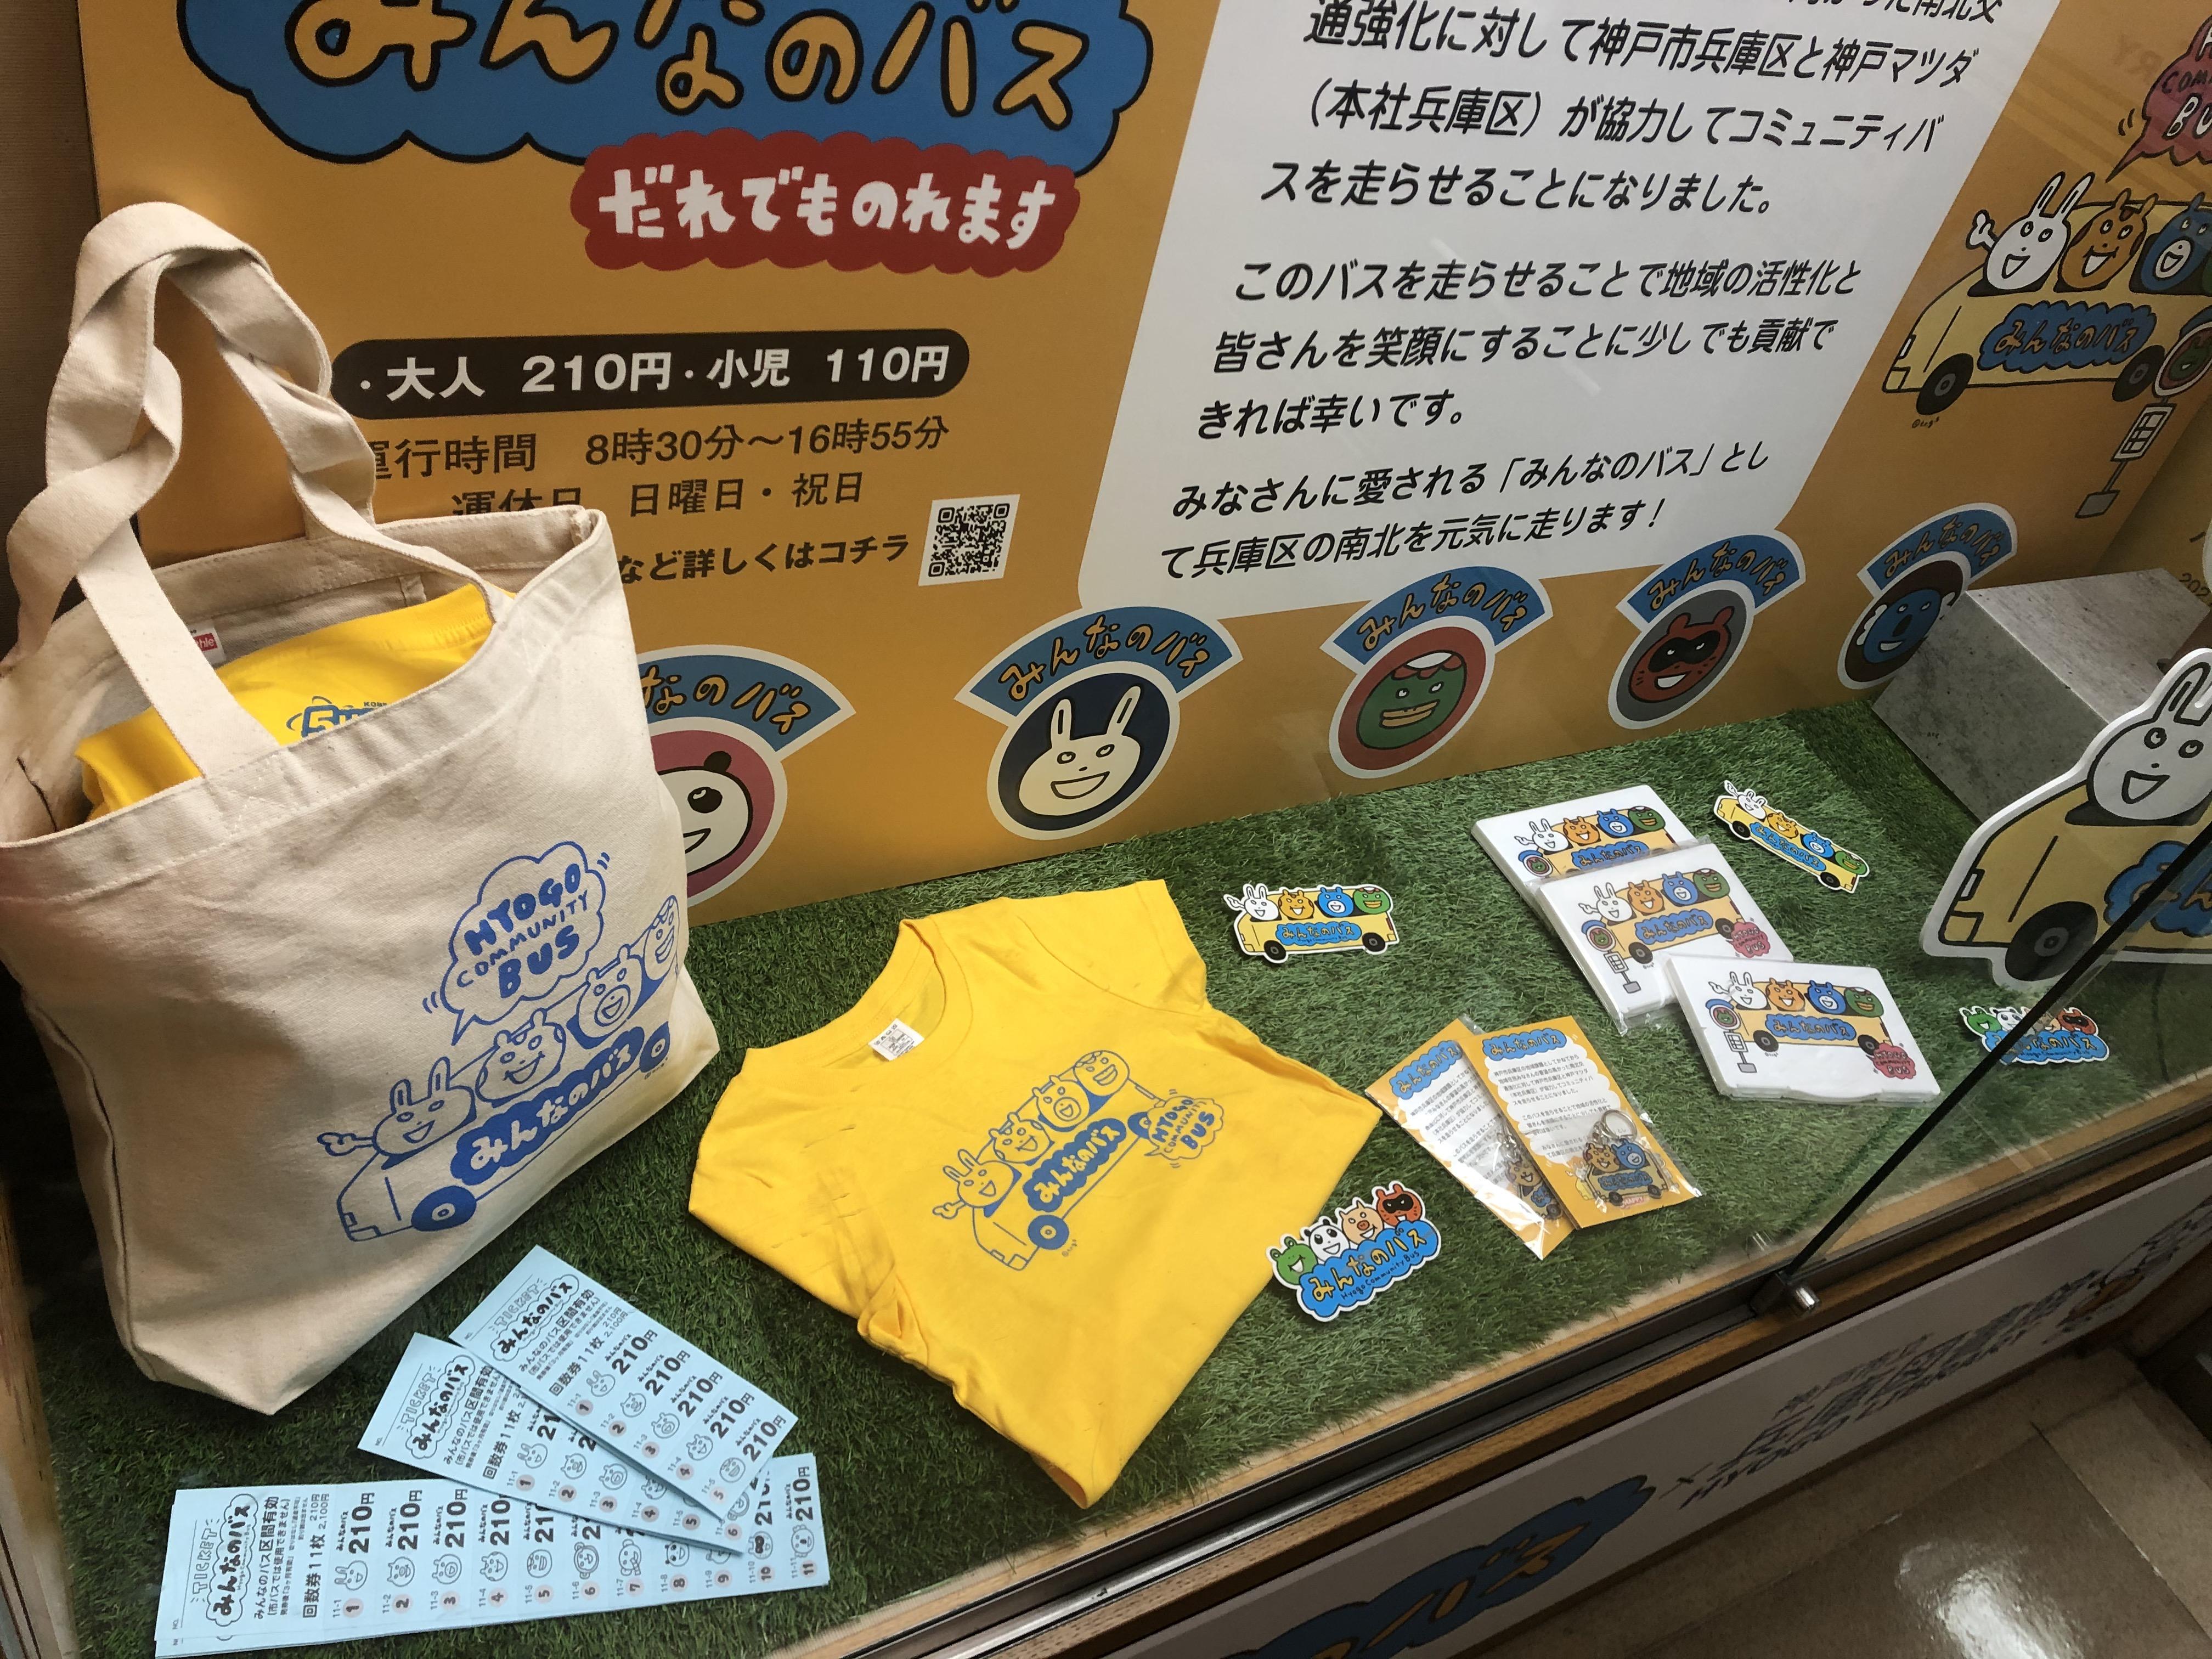 『みんなのバス』神戸市立兵庫図書館にて告知ディスプレイ展示中!